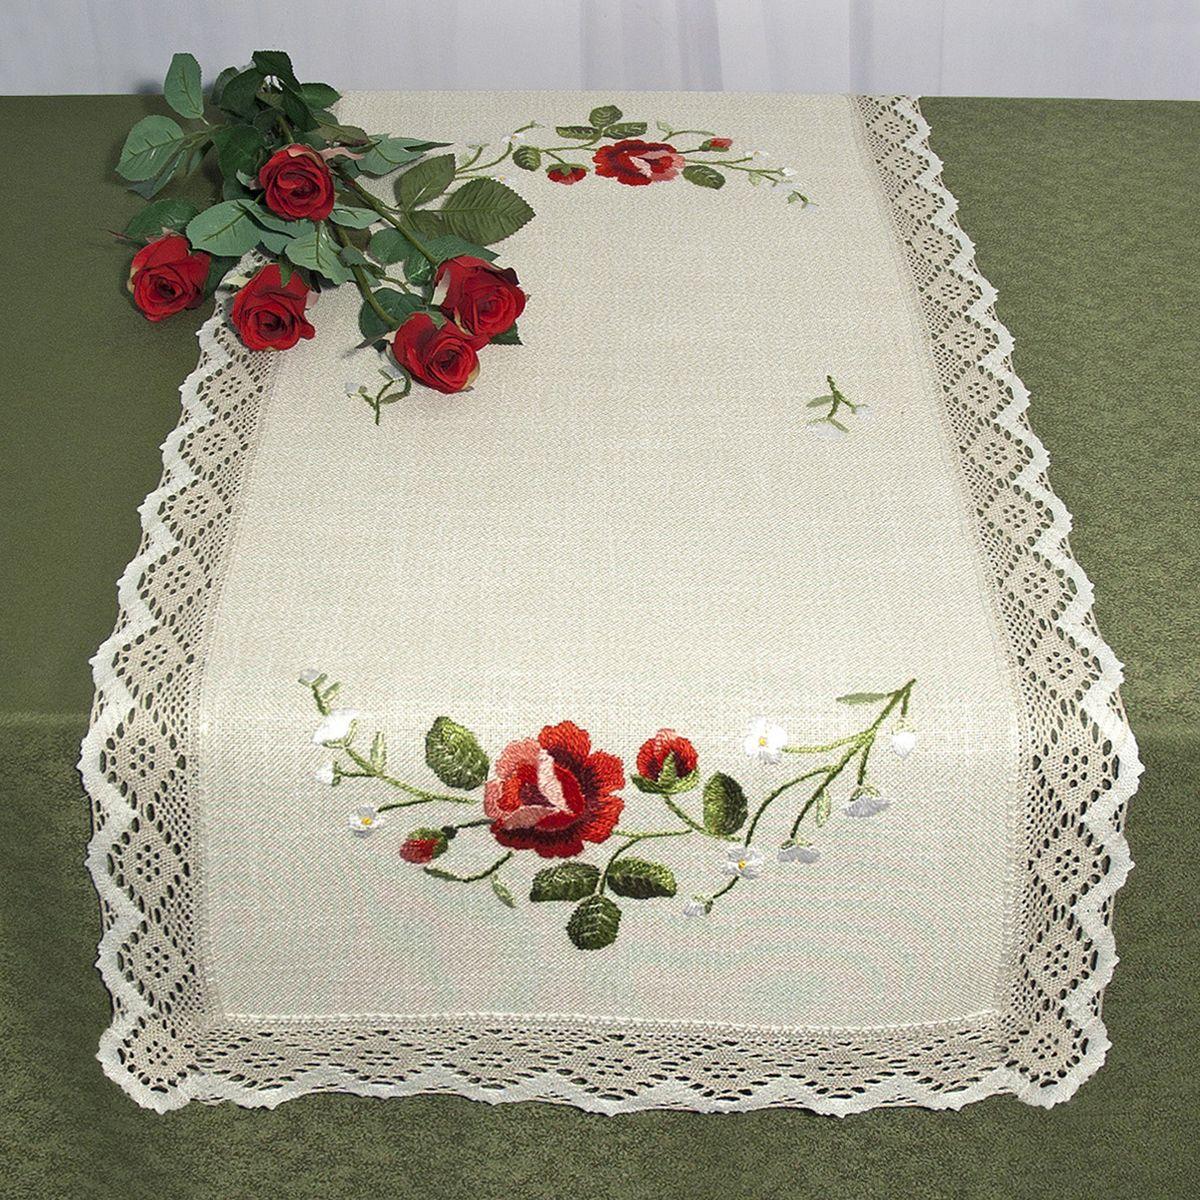 Дорожка для декорирования стола Schaefer, прямоугольная, цвет: бежевый, красный, 50 x 100 см 6400/3906400/390 -50*100Прямоугольная дорожка Schaefer изготовлена из высококачественного полиэстера и оформлена по краю отделочной тесьмой. Фактура ткани выполнена под натуральный лен, вышивка ручная. Вы можете использовать дорожку для декорирования стола, комода или журнального столика. Благодаря такой дорожке вы защитите поверхность мебели от воды, пятен и механических воздействий, а также создадите атмосферу уюта и домашнего тепла в интерьере вашей квартиры. Изделия из искусственных волокон легко стирать: они не мнутся, не садятся и быстро сохнут, они более долговечны, чем изделия из натуральных волокон. Изысканный текстиль от немецкой компании Schaefer - это красота, стиль и уют в вашем доме. Дорожка органично впишется в интерьер любого помещения, а оригинальный дизайн удовлетворит даже самый изысканный вкус. Дарите себе и близким красоту каждый день!